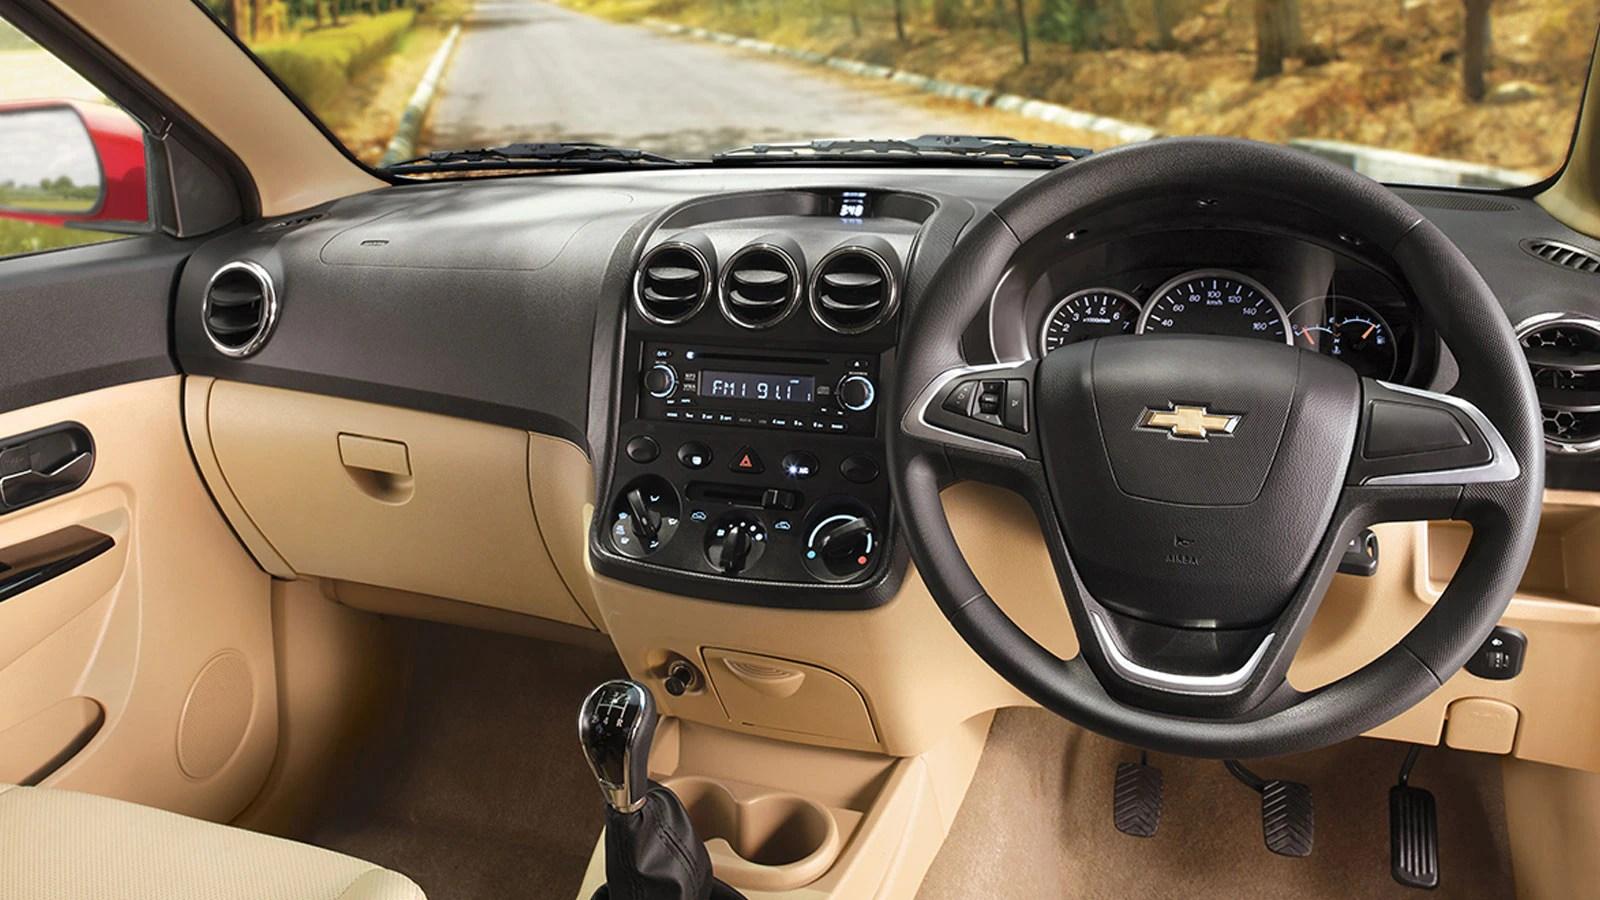 Chevrolet Enjoy MPV Interior Photo Gallery Chevrolet India